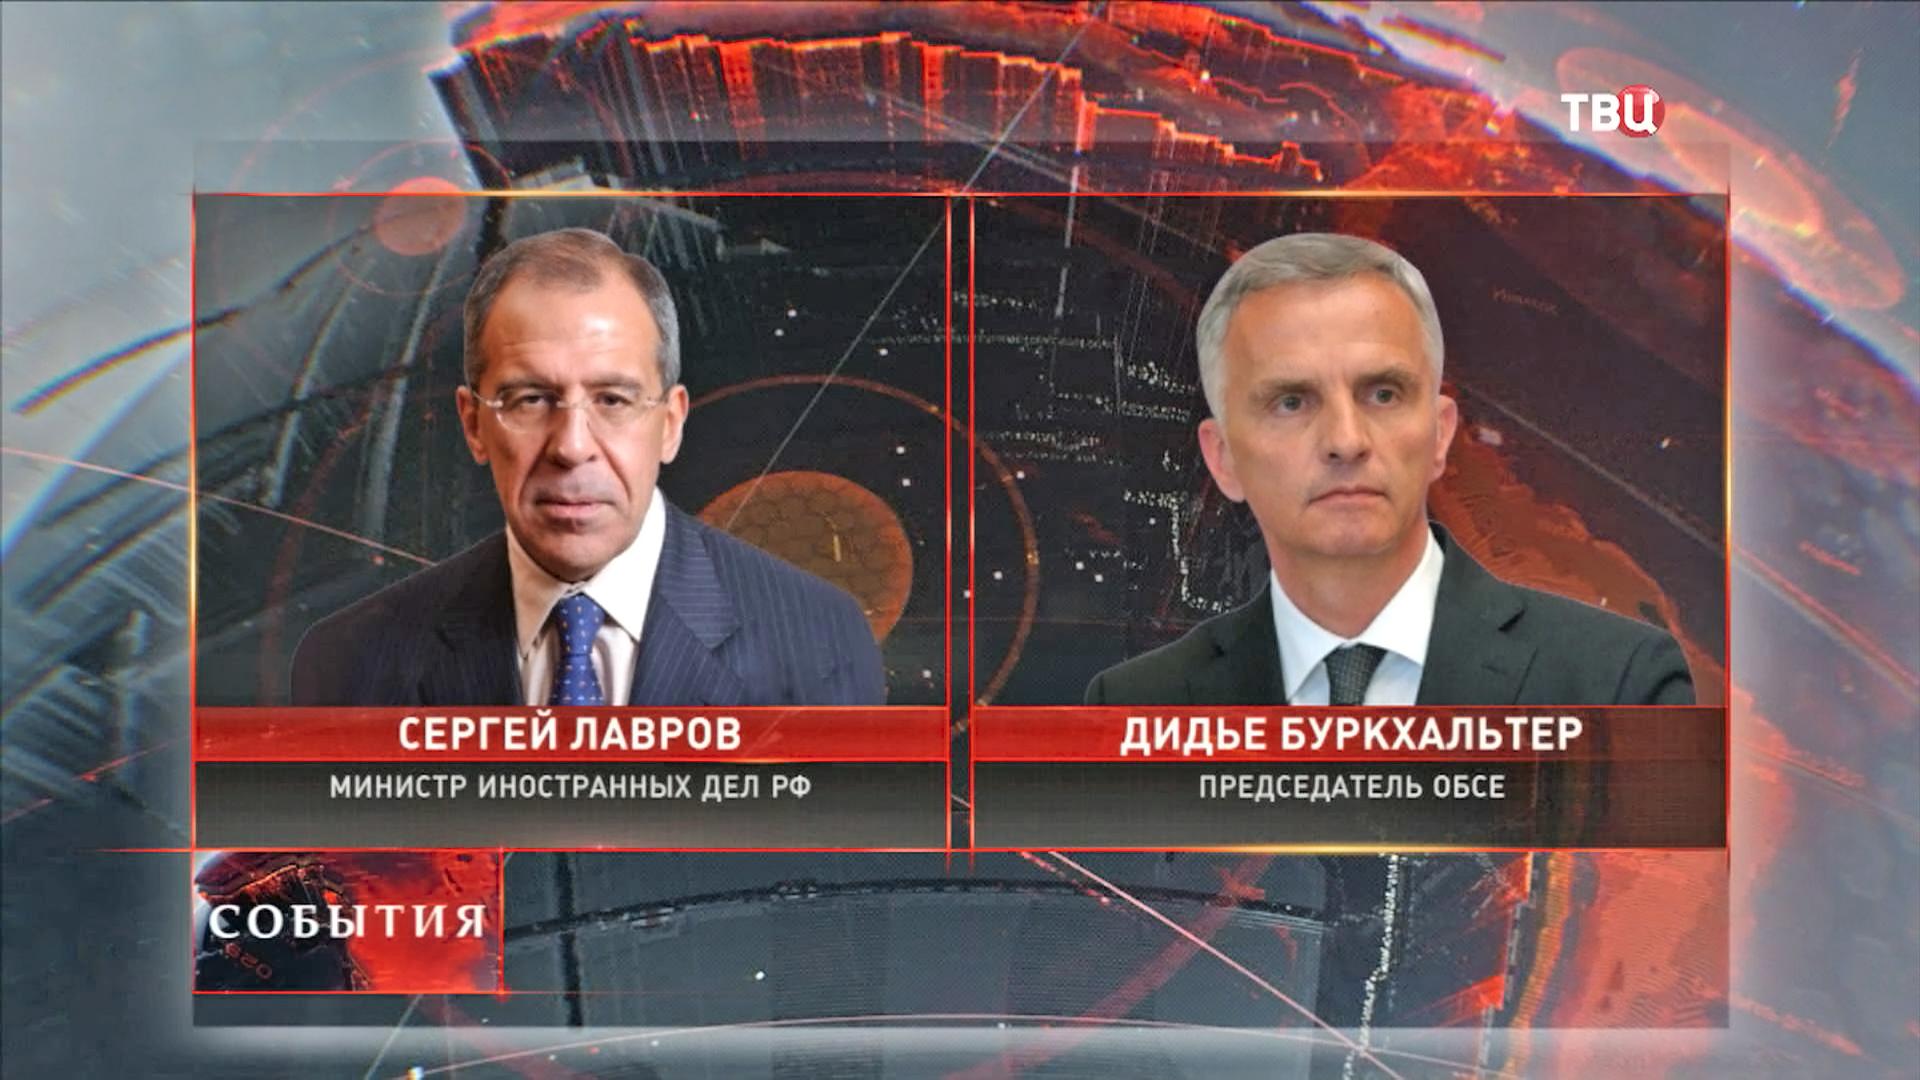 Министр иностранных дел РФ Сергей Лавров и представитель ОБСЕ Дидье Буркхальтер